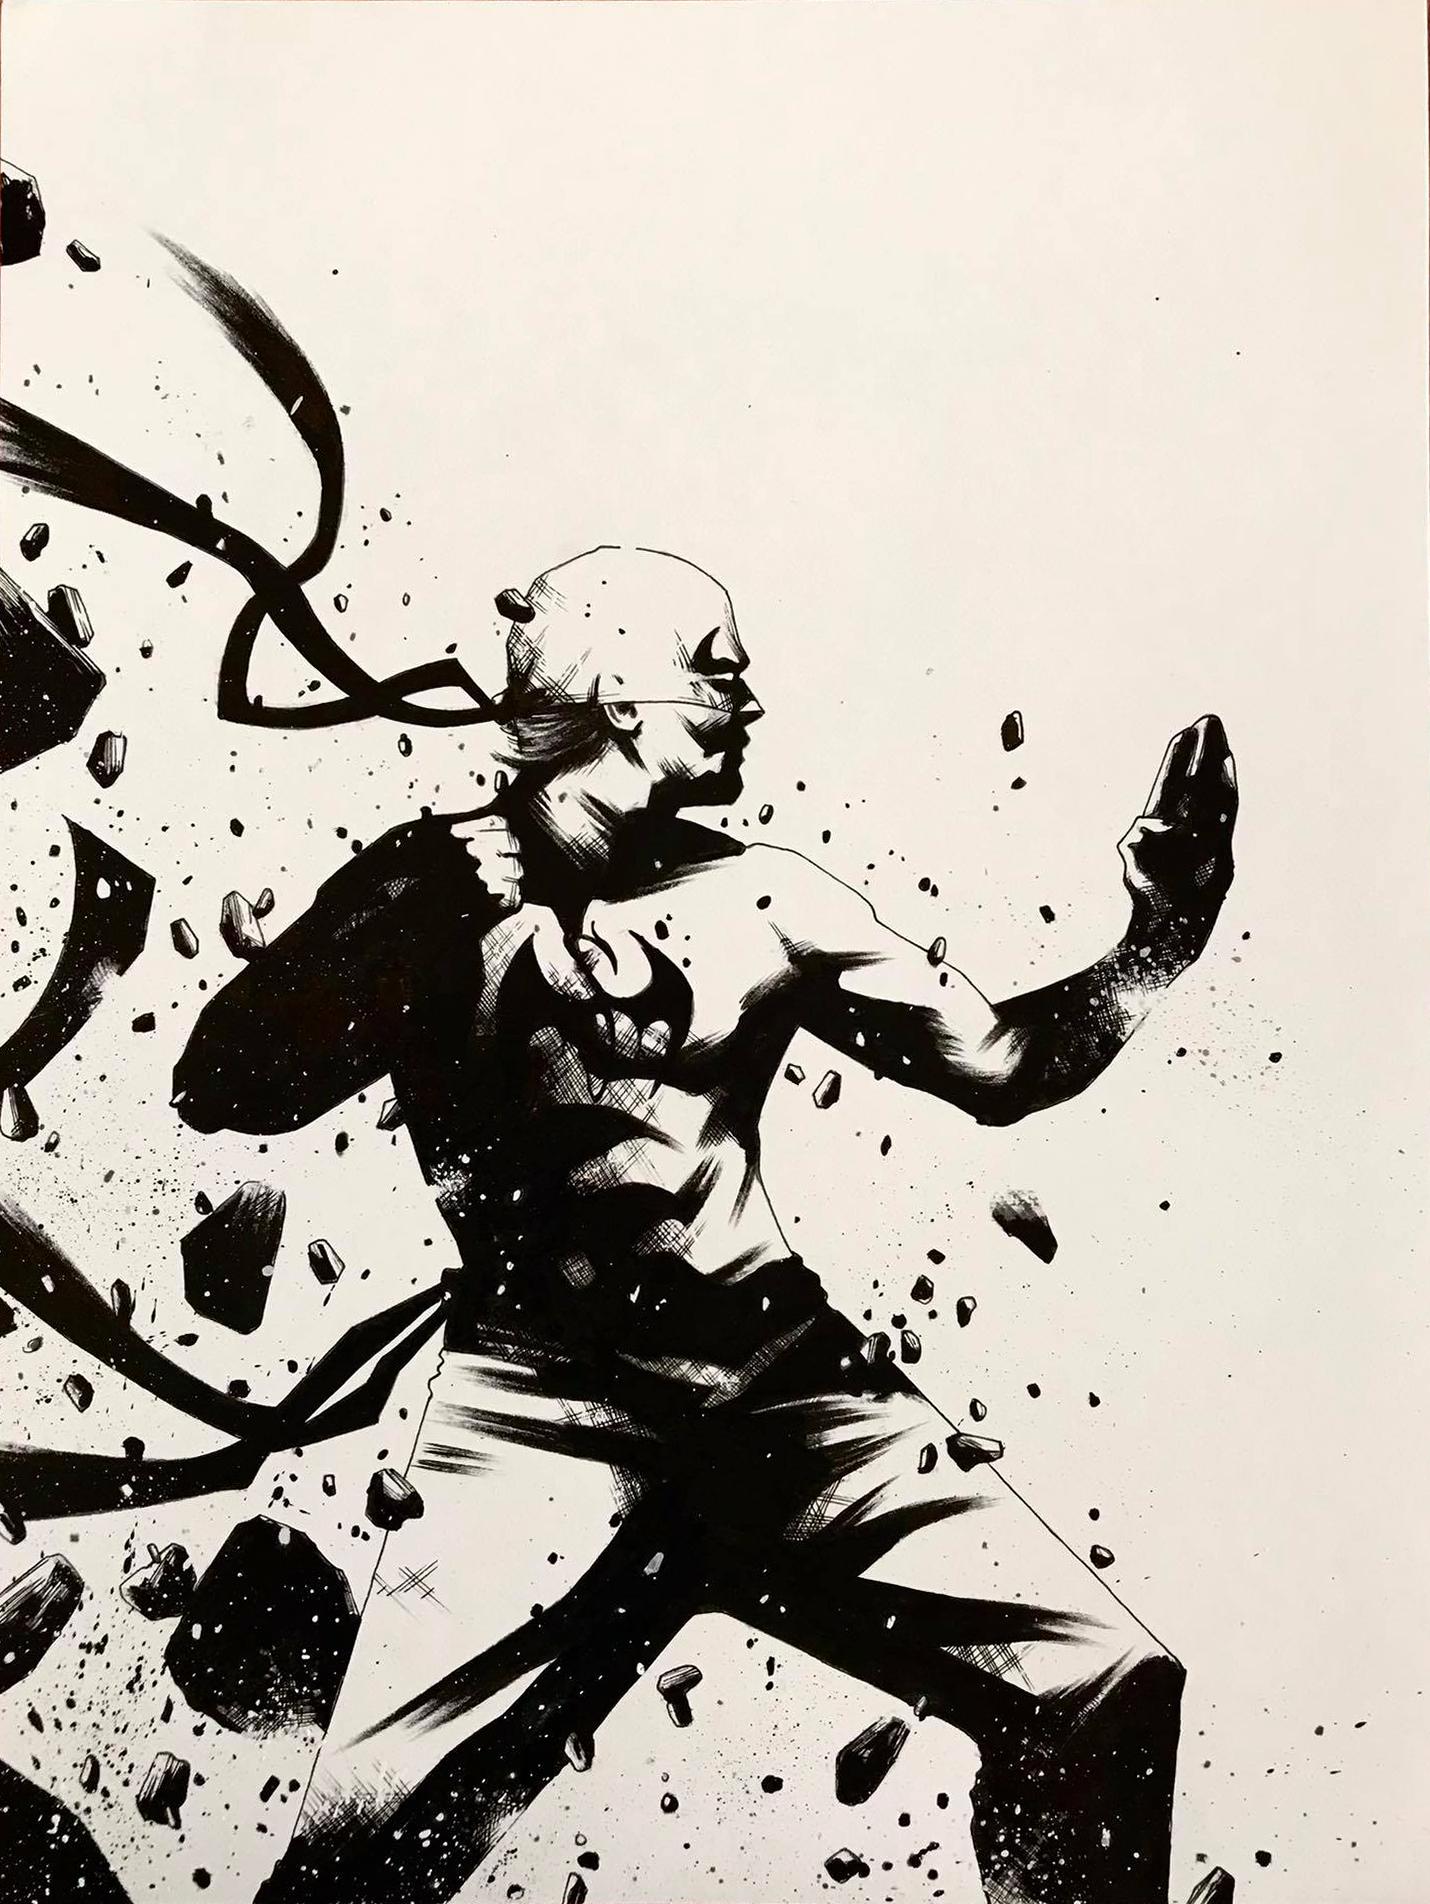 Iron fist 9x12 – usd 110